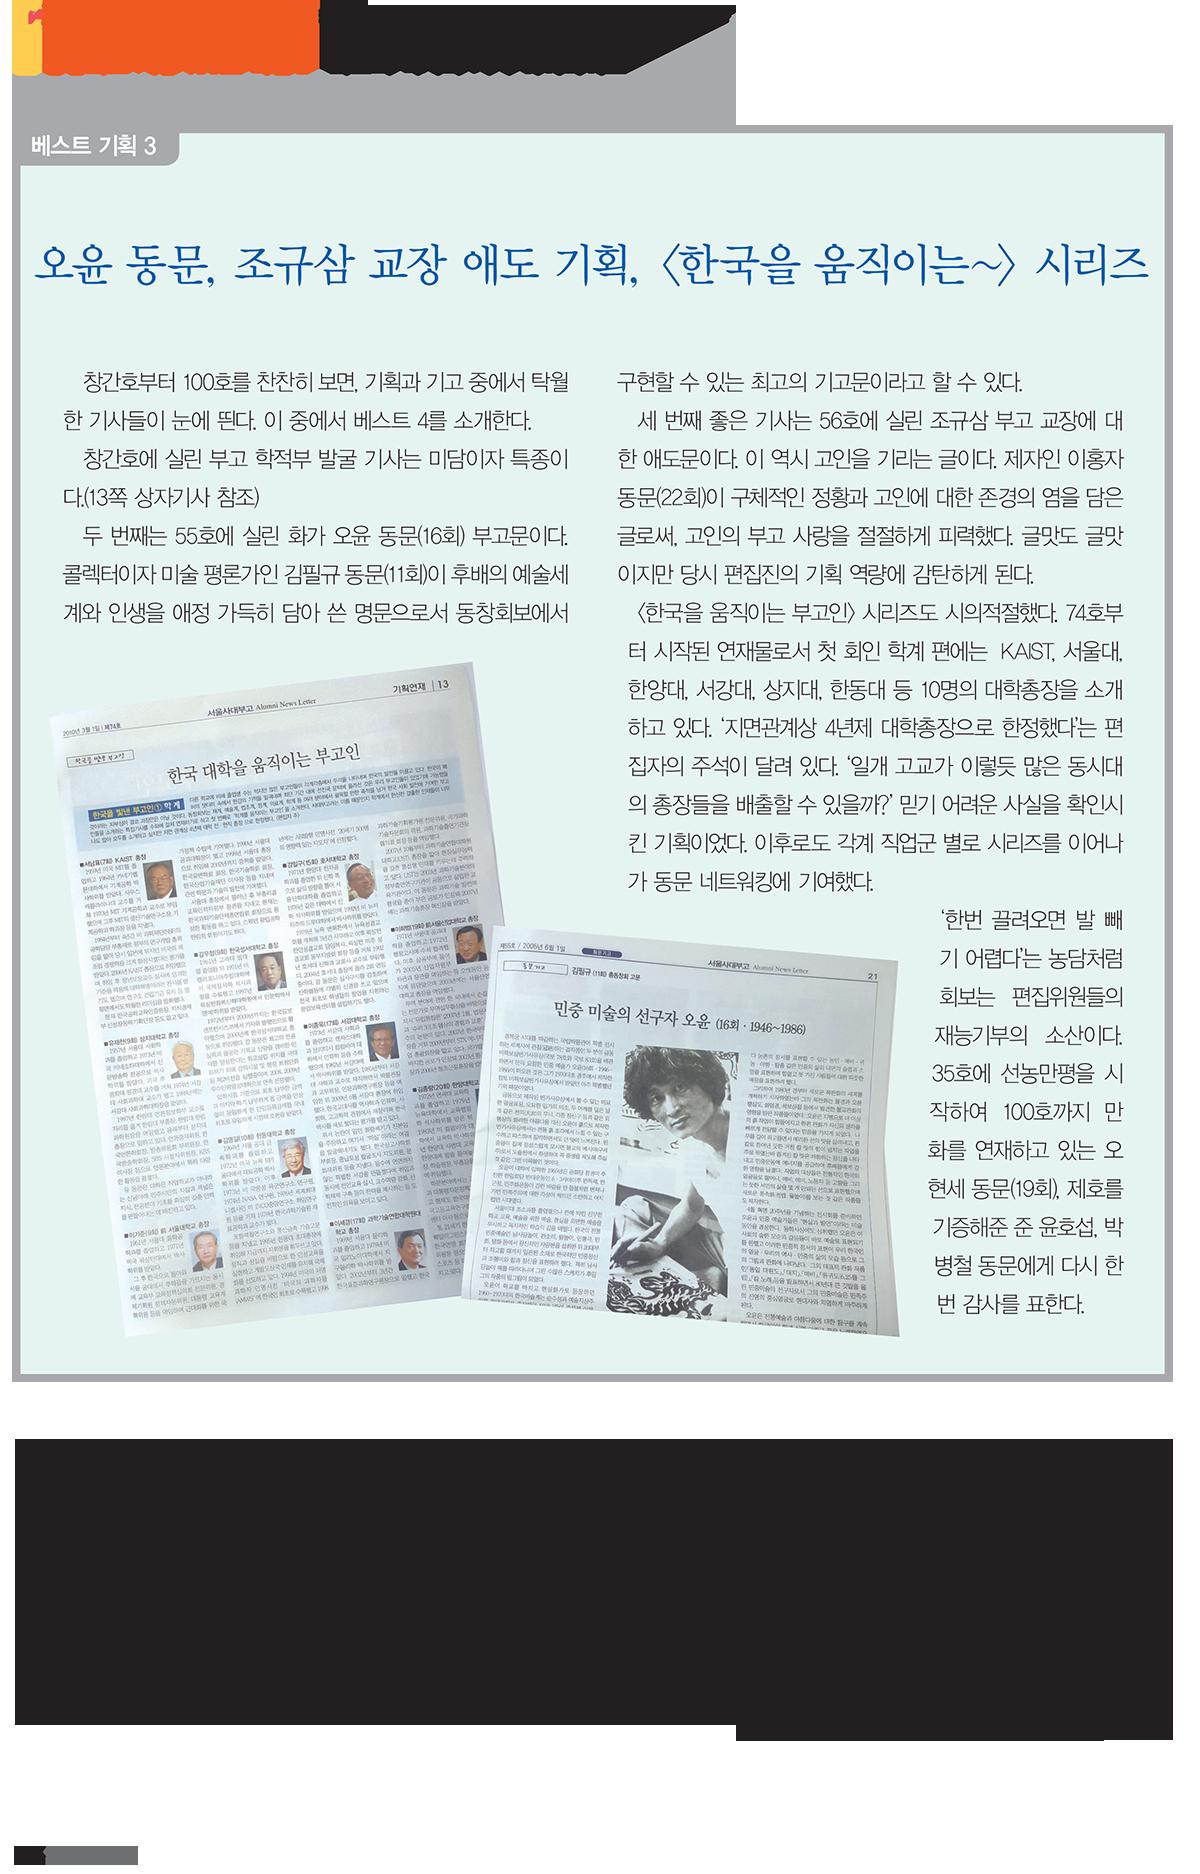 사대부고_제100호_홈피용(고)-14.png